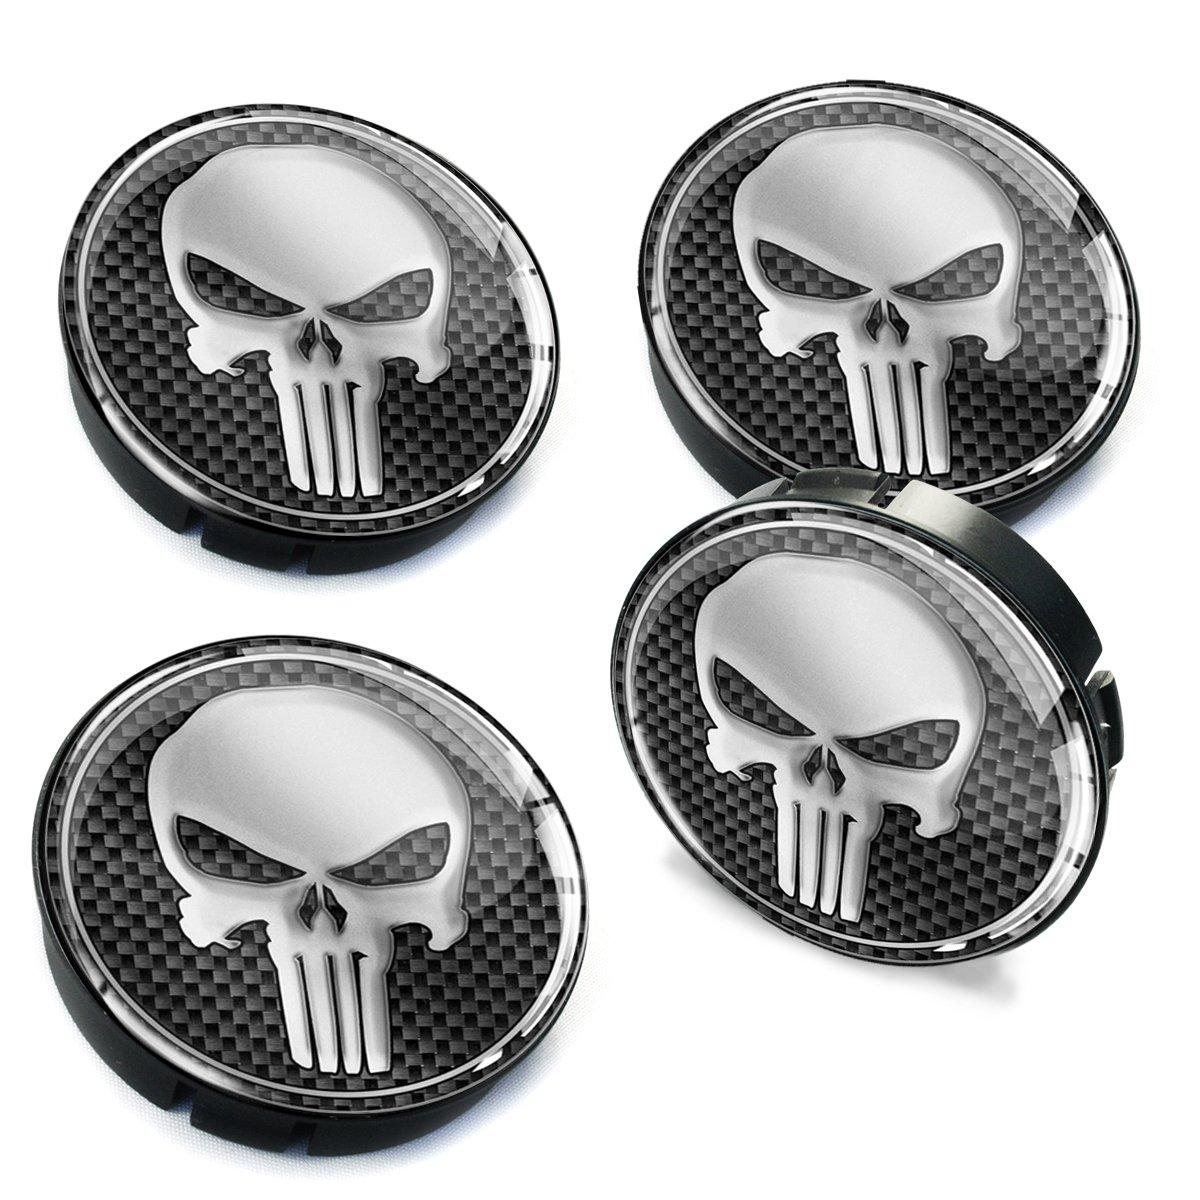 Skinotm 4/x 60/mm Voiture Centre de Roue Caps Jante Punisher T/ête de Mort Argent en Forme de d/ôme Badge v/éhicule Auto Tuning Embl/ème C 2